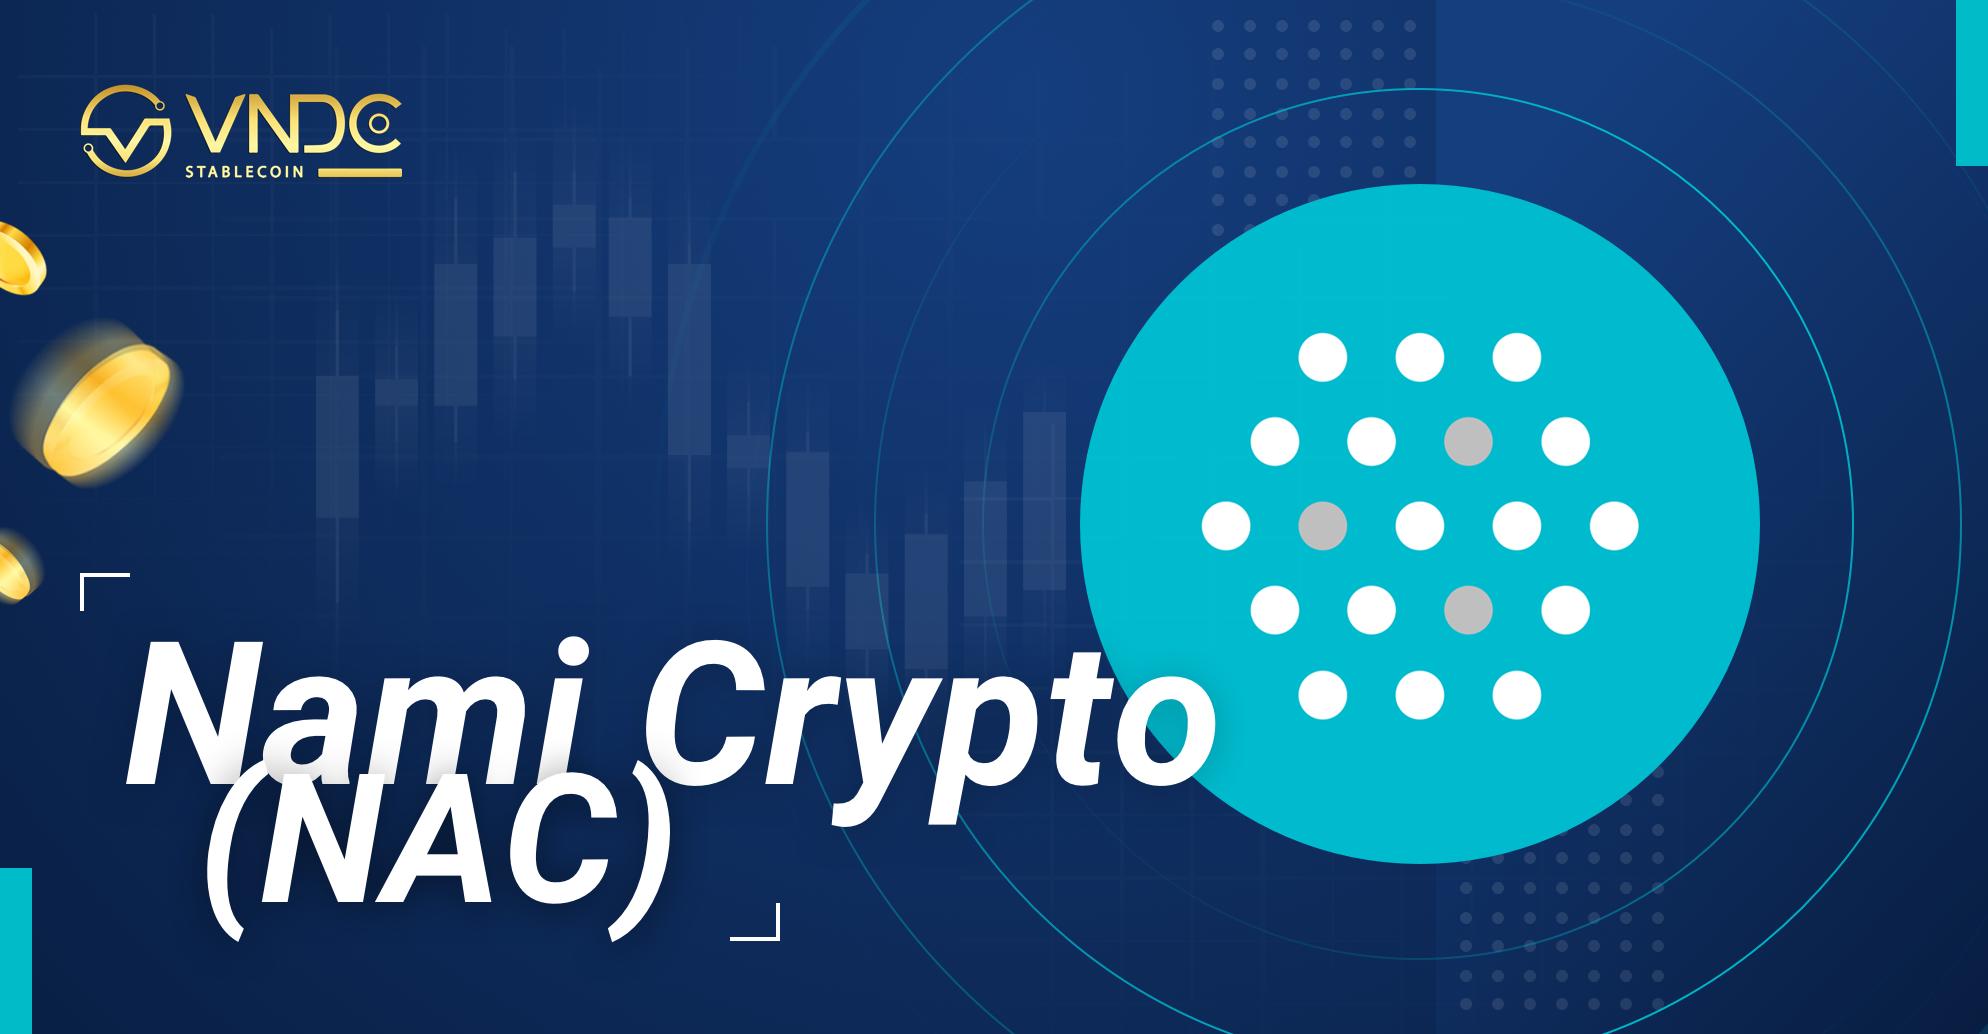 Nami Crypto (NAC) chính thức được niêm yết trên VNDC Wallet